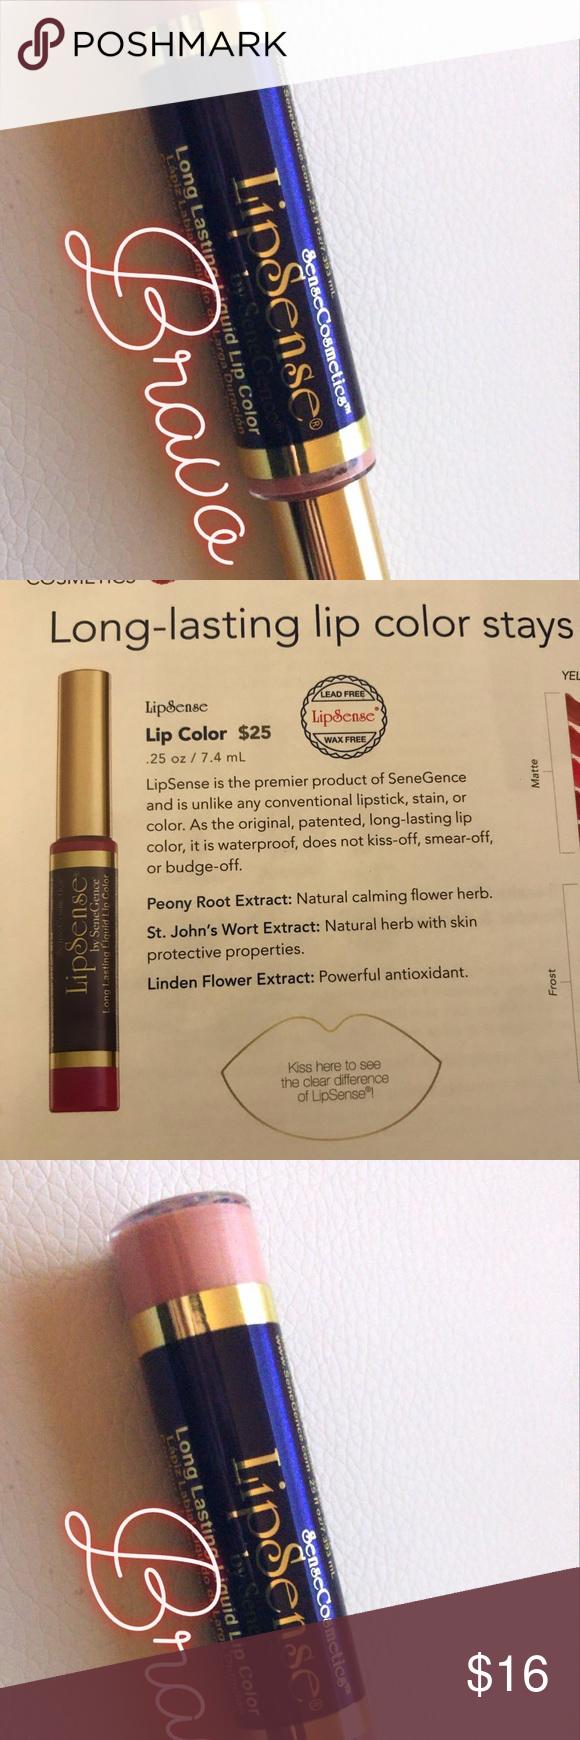 LipSense Lipstick in Bravo ‼️‼️Restock limited inventory